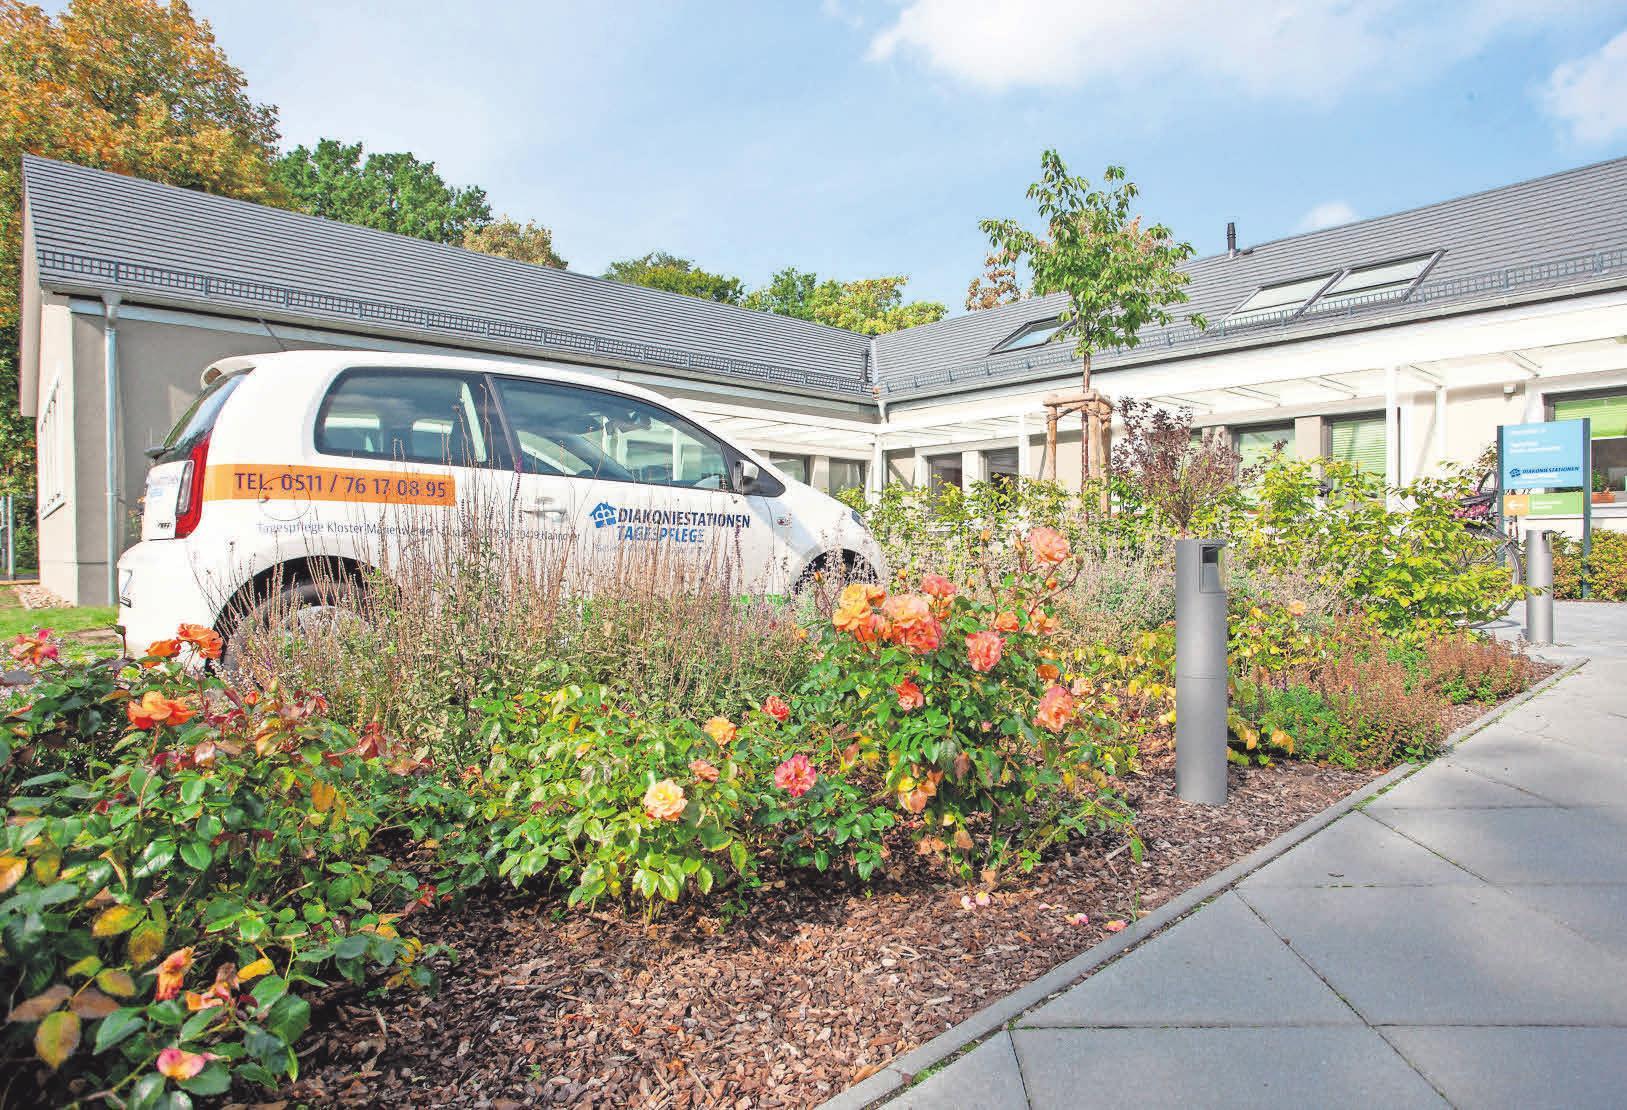 Die Diakoniestationen Hannover gGmbH versorgt mit rund 700 Mitarbeitern Kunden im Stadtgebiet Hannover. Ergänzend zur ambulanten Versorgung betreut die Einrichtung in der Tagespflege auch Gruppen oder Einzelpersonen.